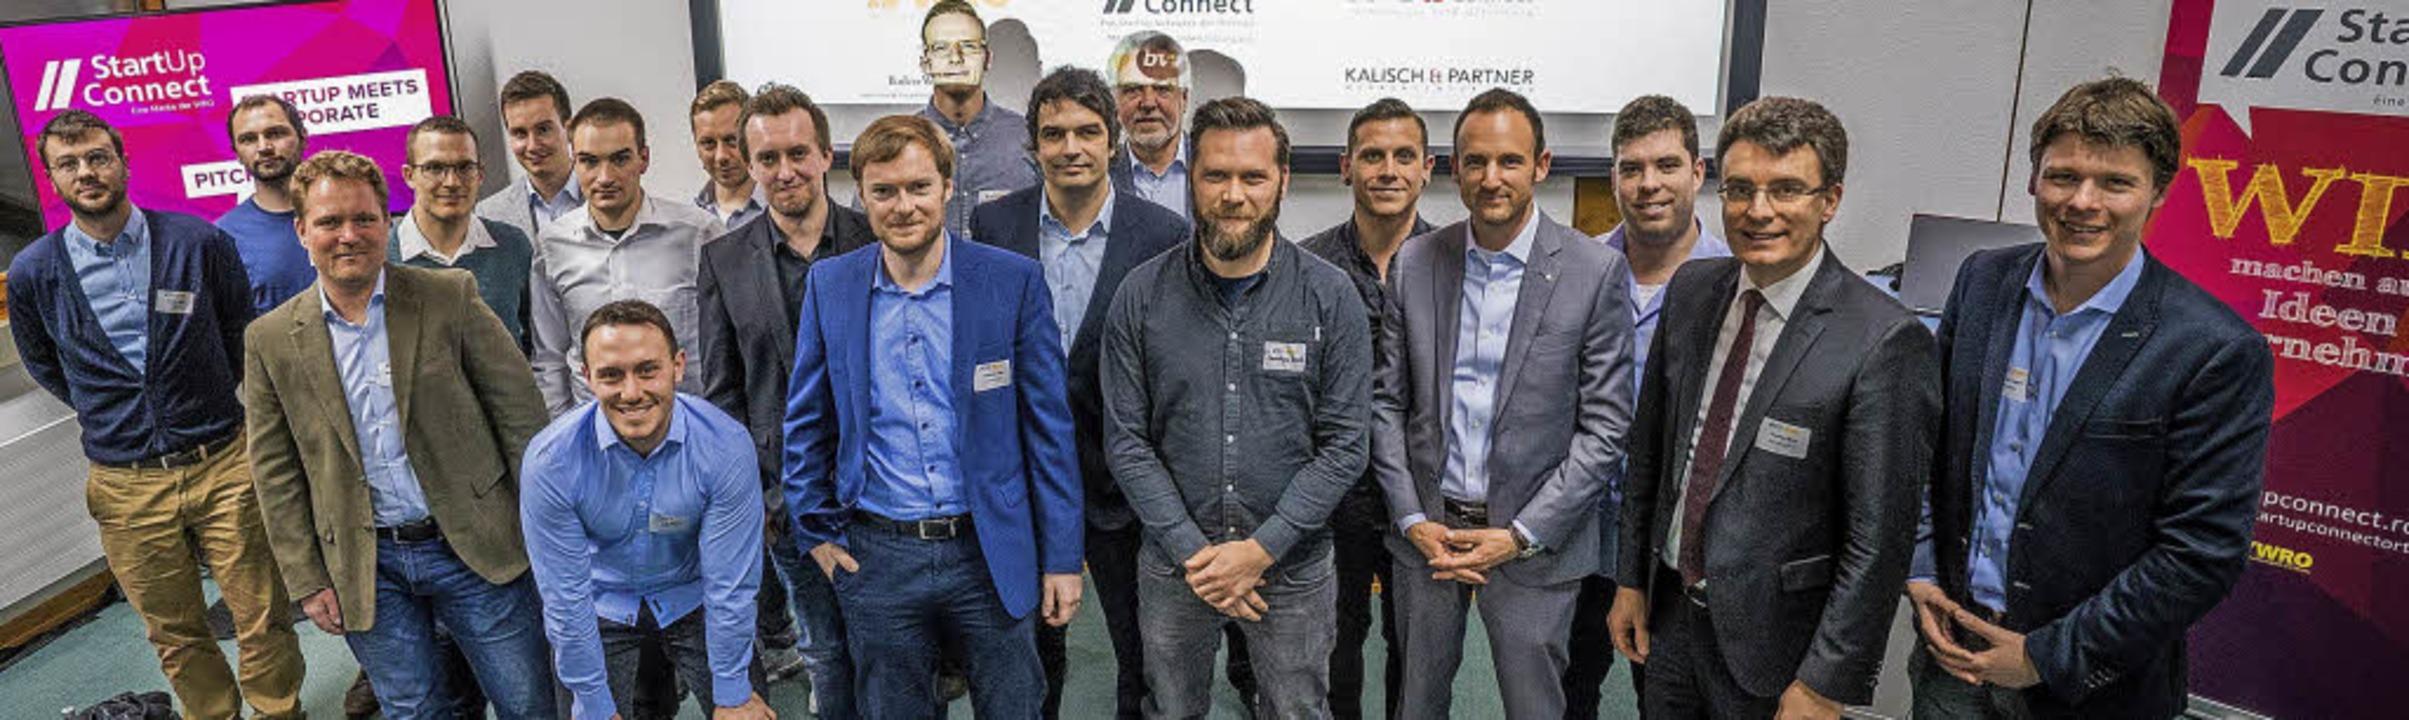 Teilnehmer mit WRO-Geschäftsführer Dom...-Connect-Bereichsleiter Florian Appel.  | Foto: WRO